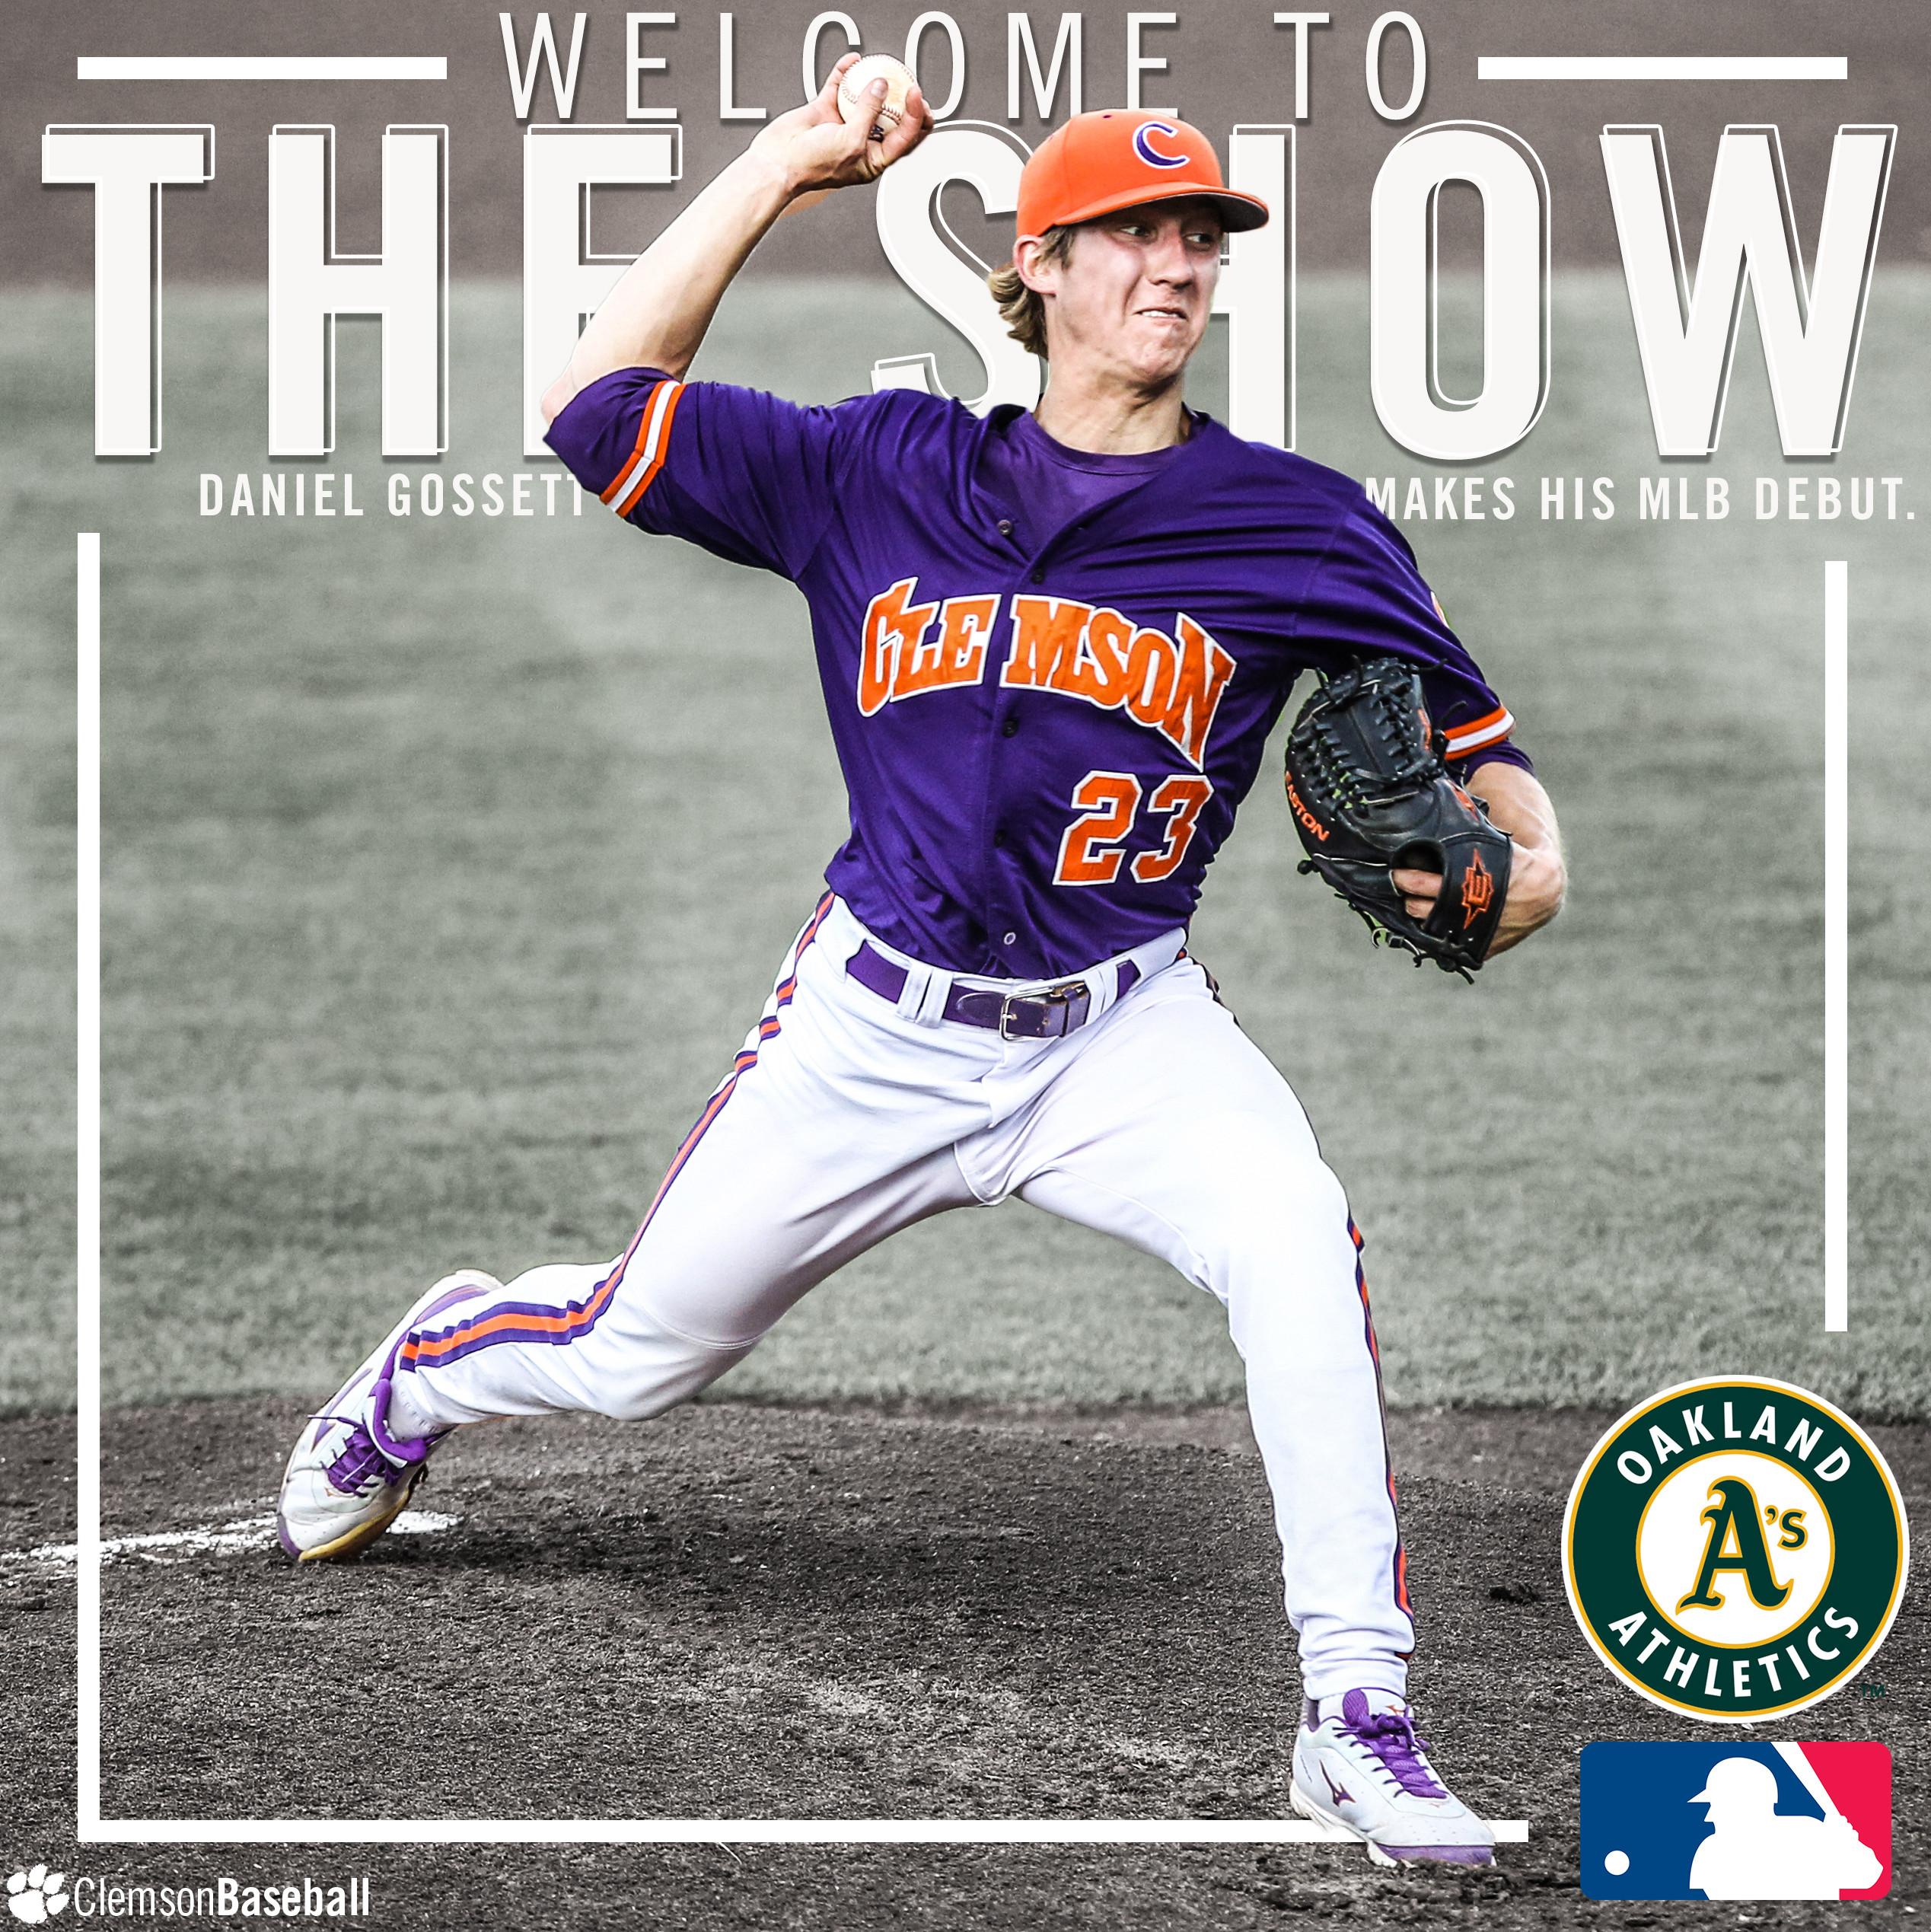 Gossett Makes MLB Debut